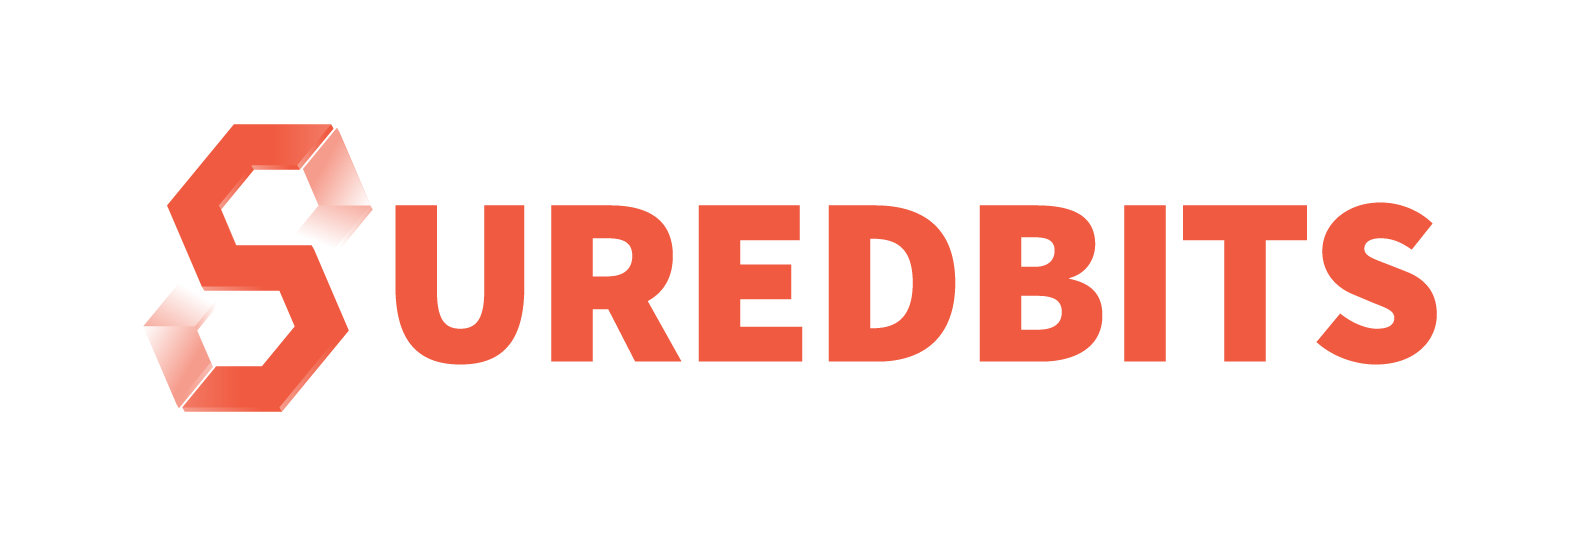 Suredbits